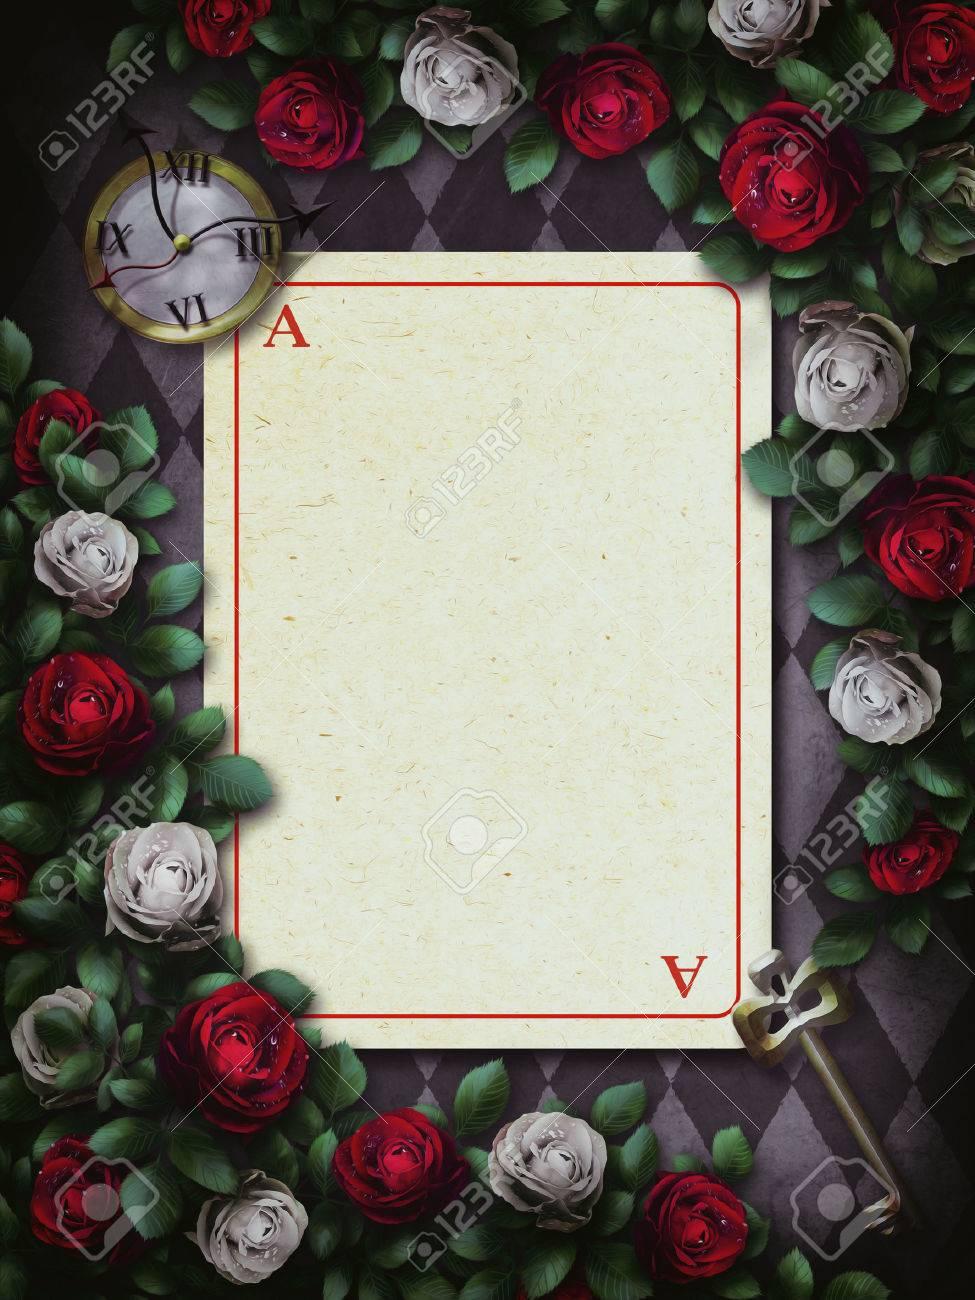 Alicia En El País De Las Maravillas. Rosas Rojas Y Rosas Blancas En ...